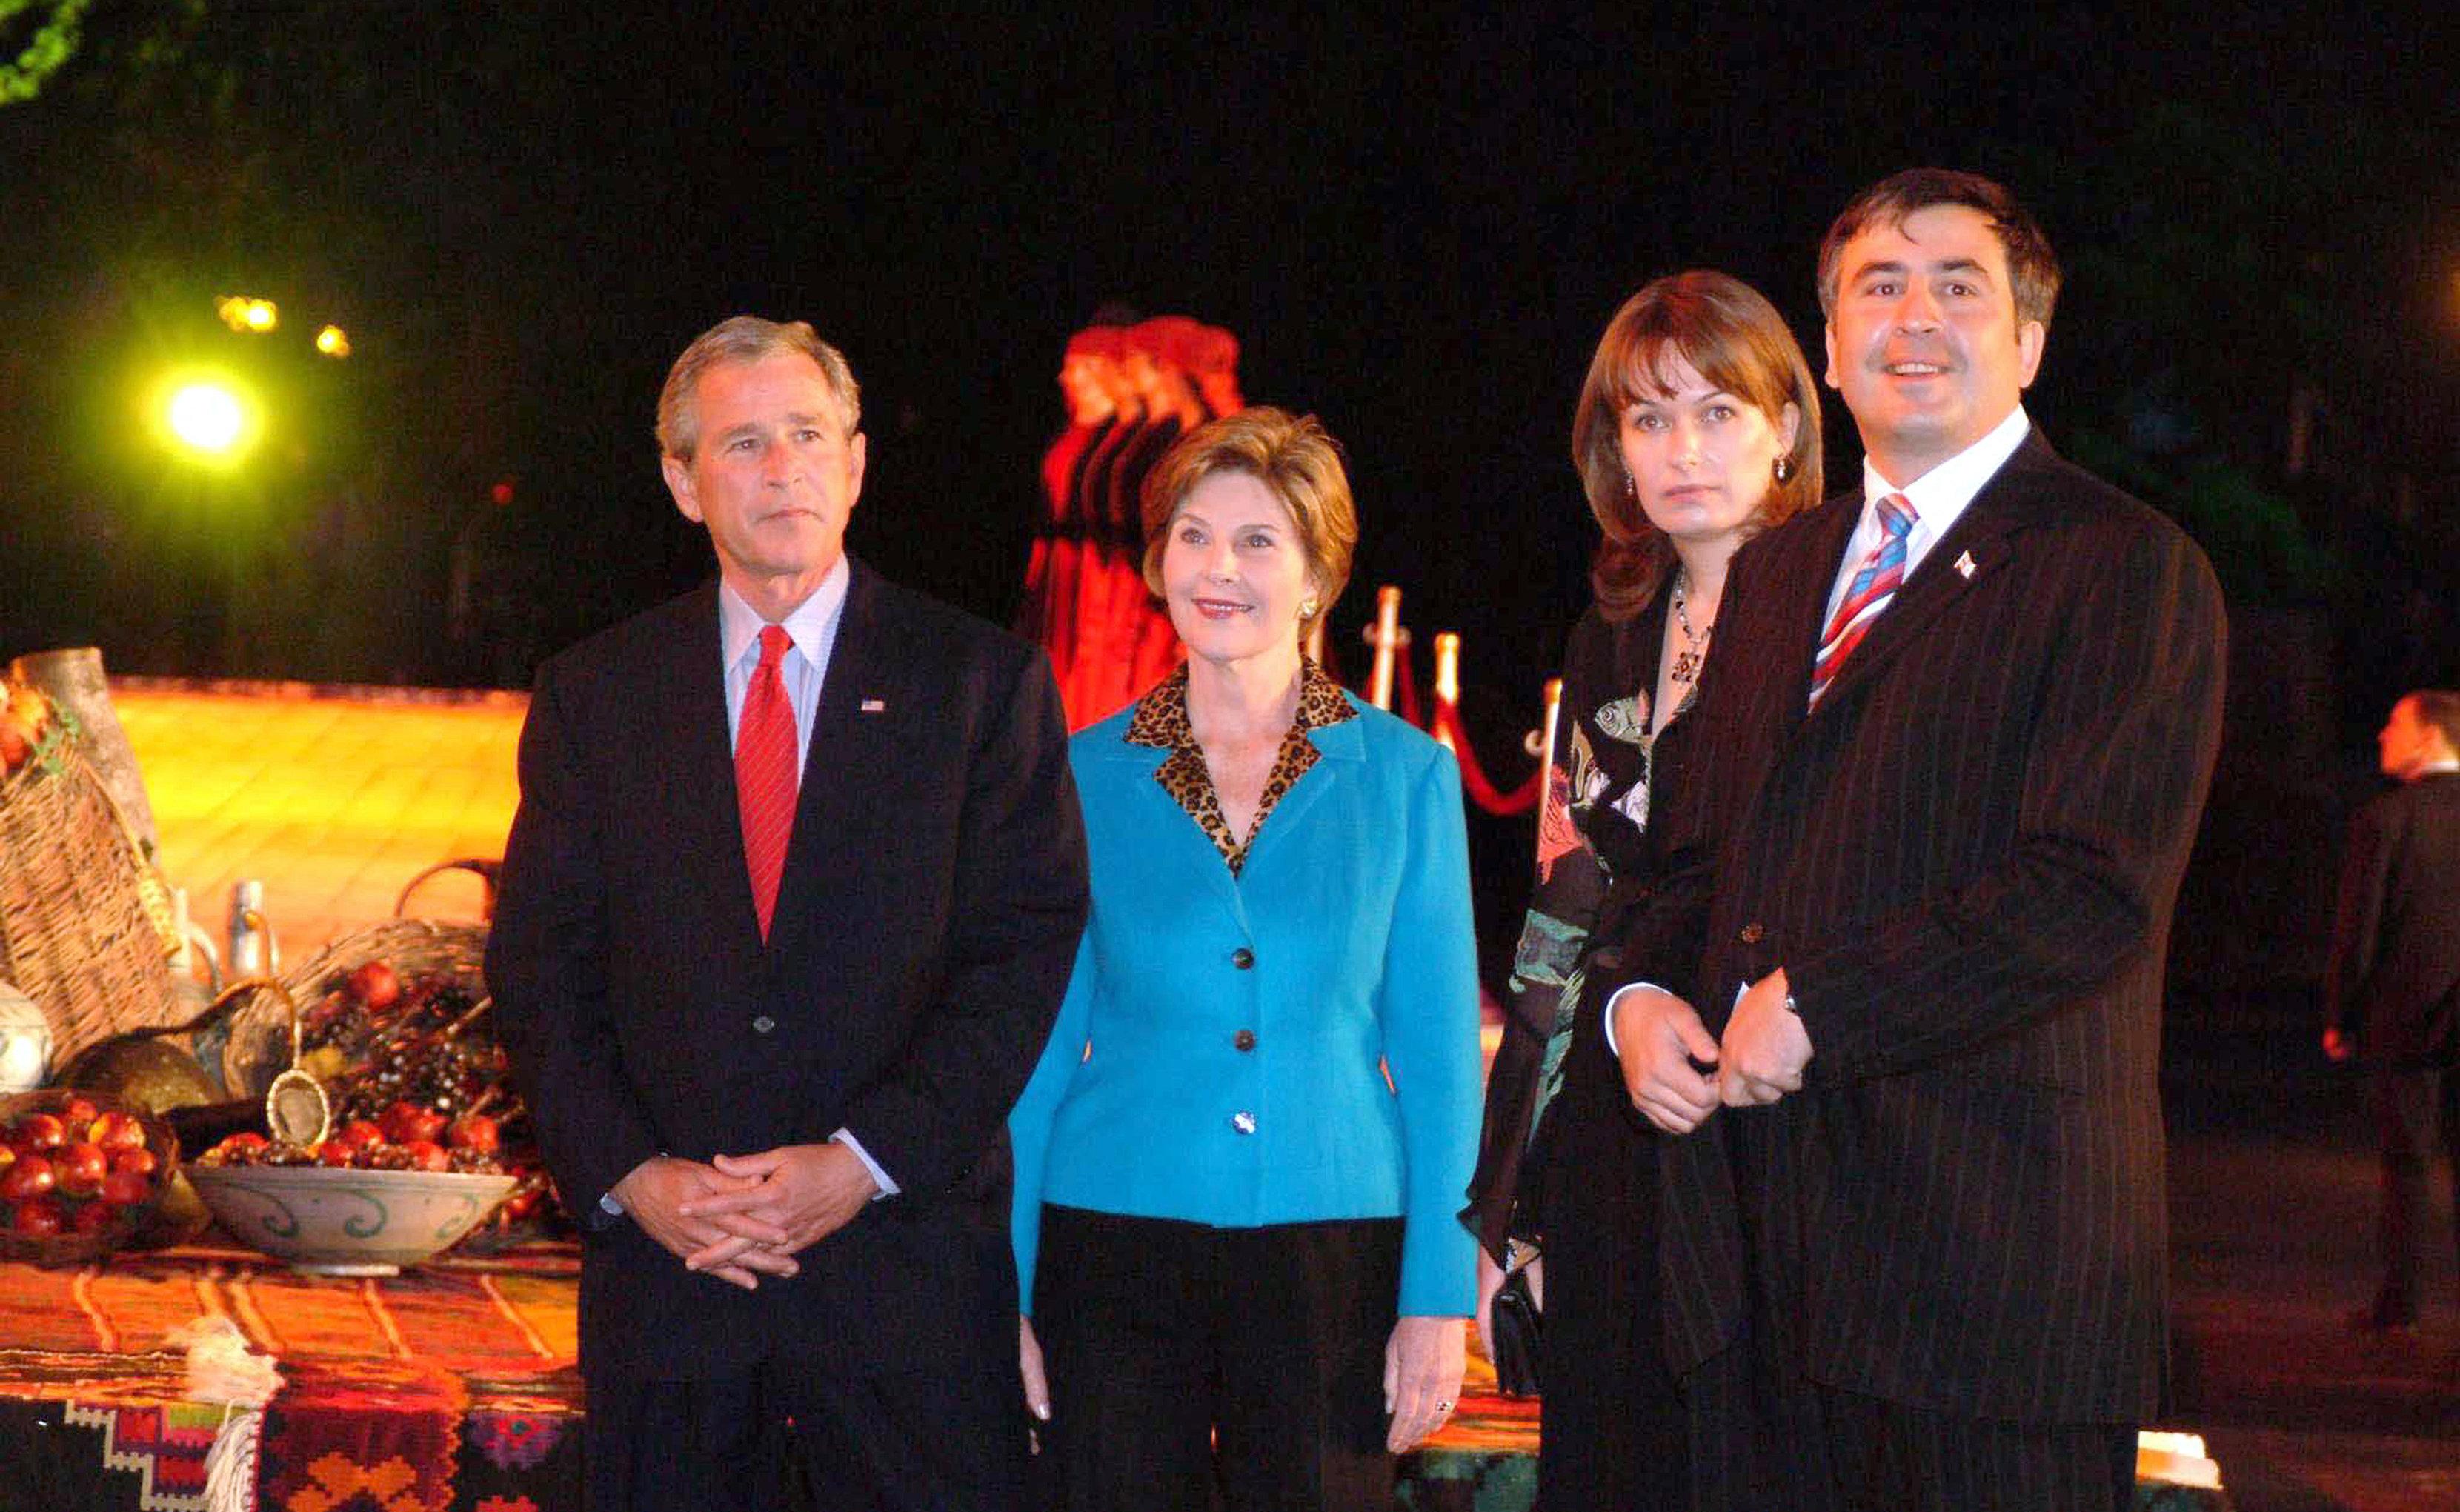 აშშ-ის პრეზიდენტი ჯორჯ ბუში მეუღლე ლორასთან ერთად და საქართველოს პრეზიდენტი მიხეილ სააკაშვილი მეუღლე სანდასთან ერთად ჯორჯ ბუშის ვიზიტისას საქართველოში